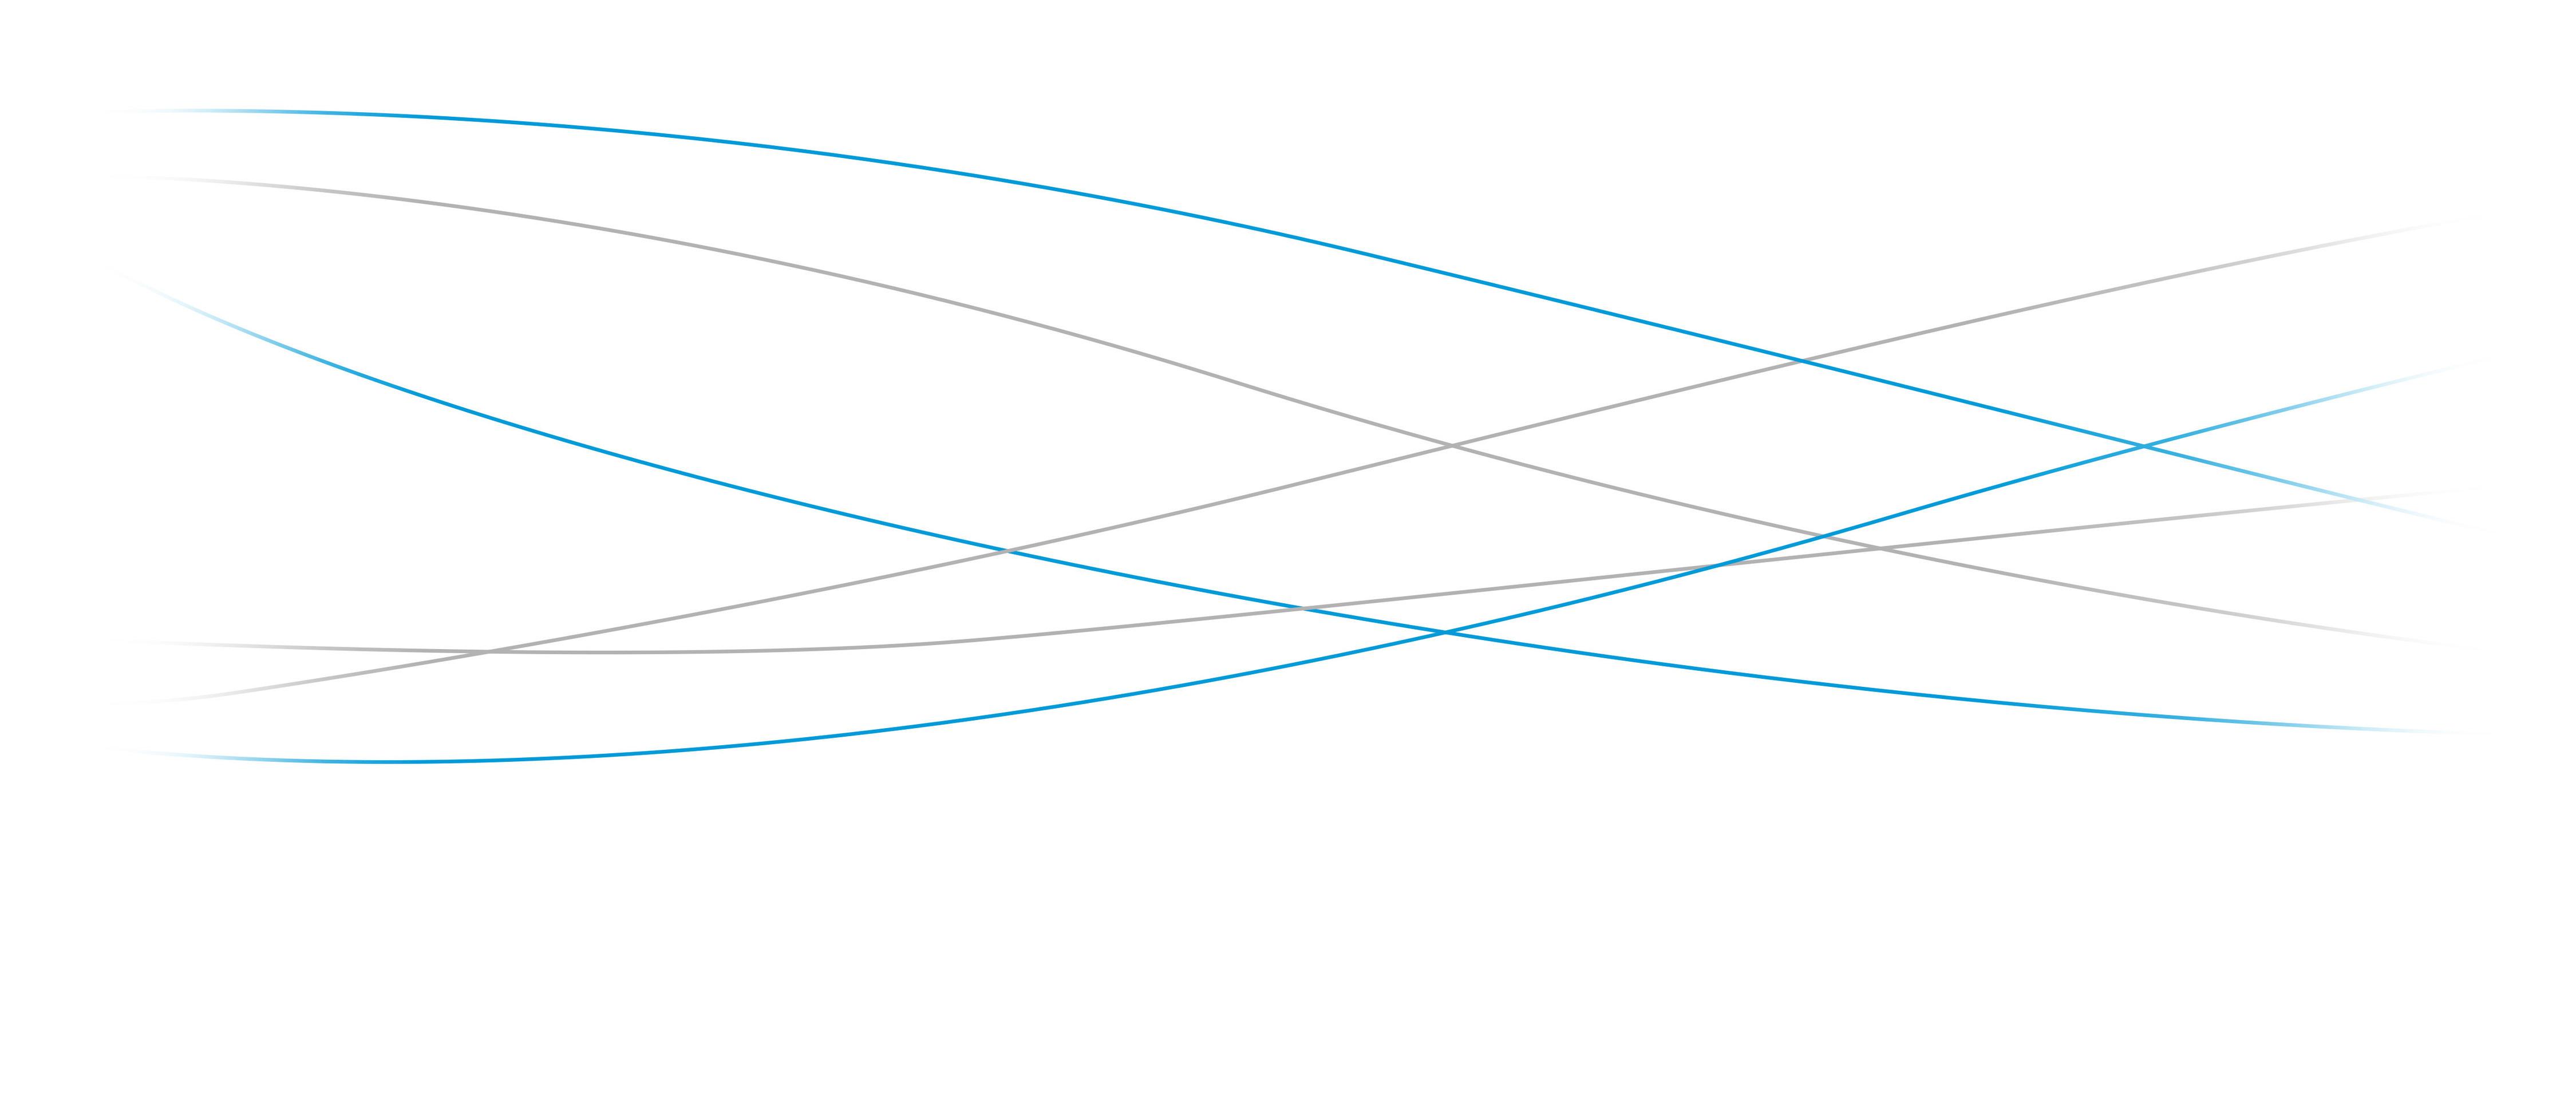 Das grafische Visual bringt Leichtigkeit in das Brand Design von Novo Nordisk.